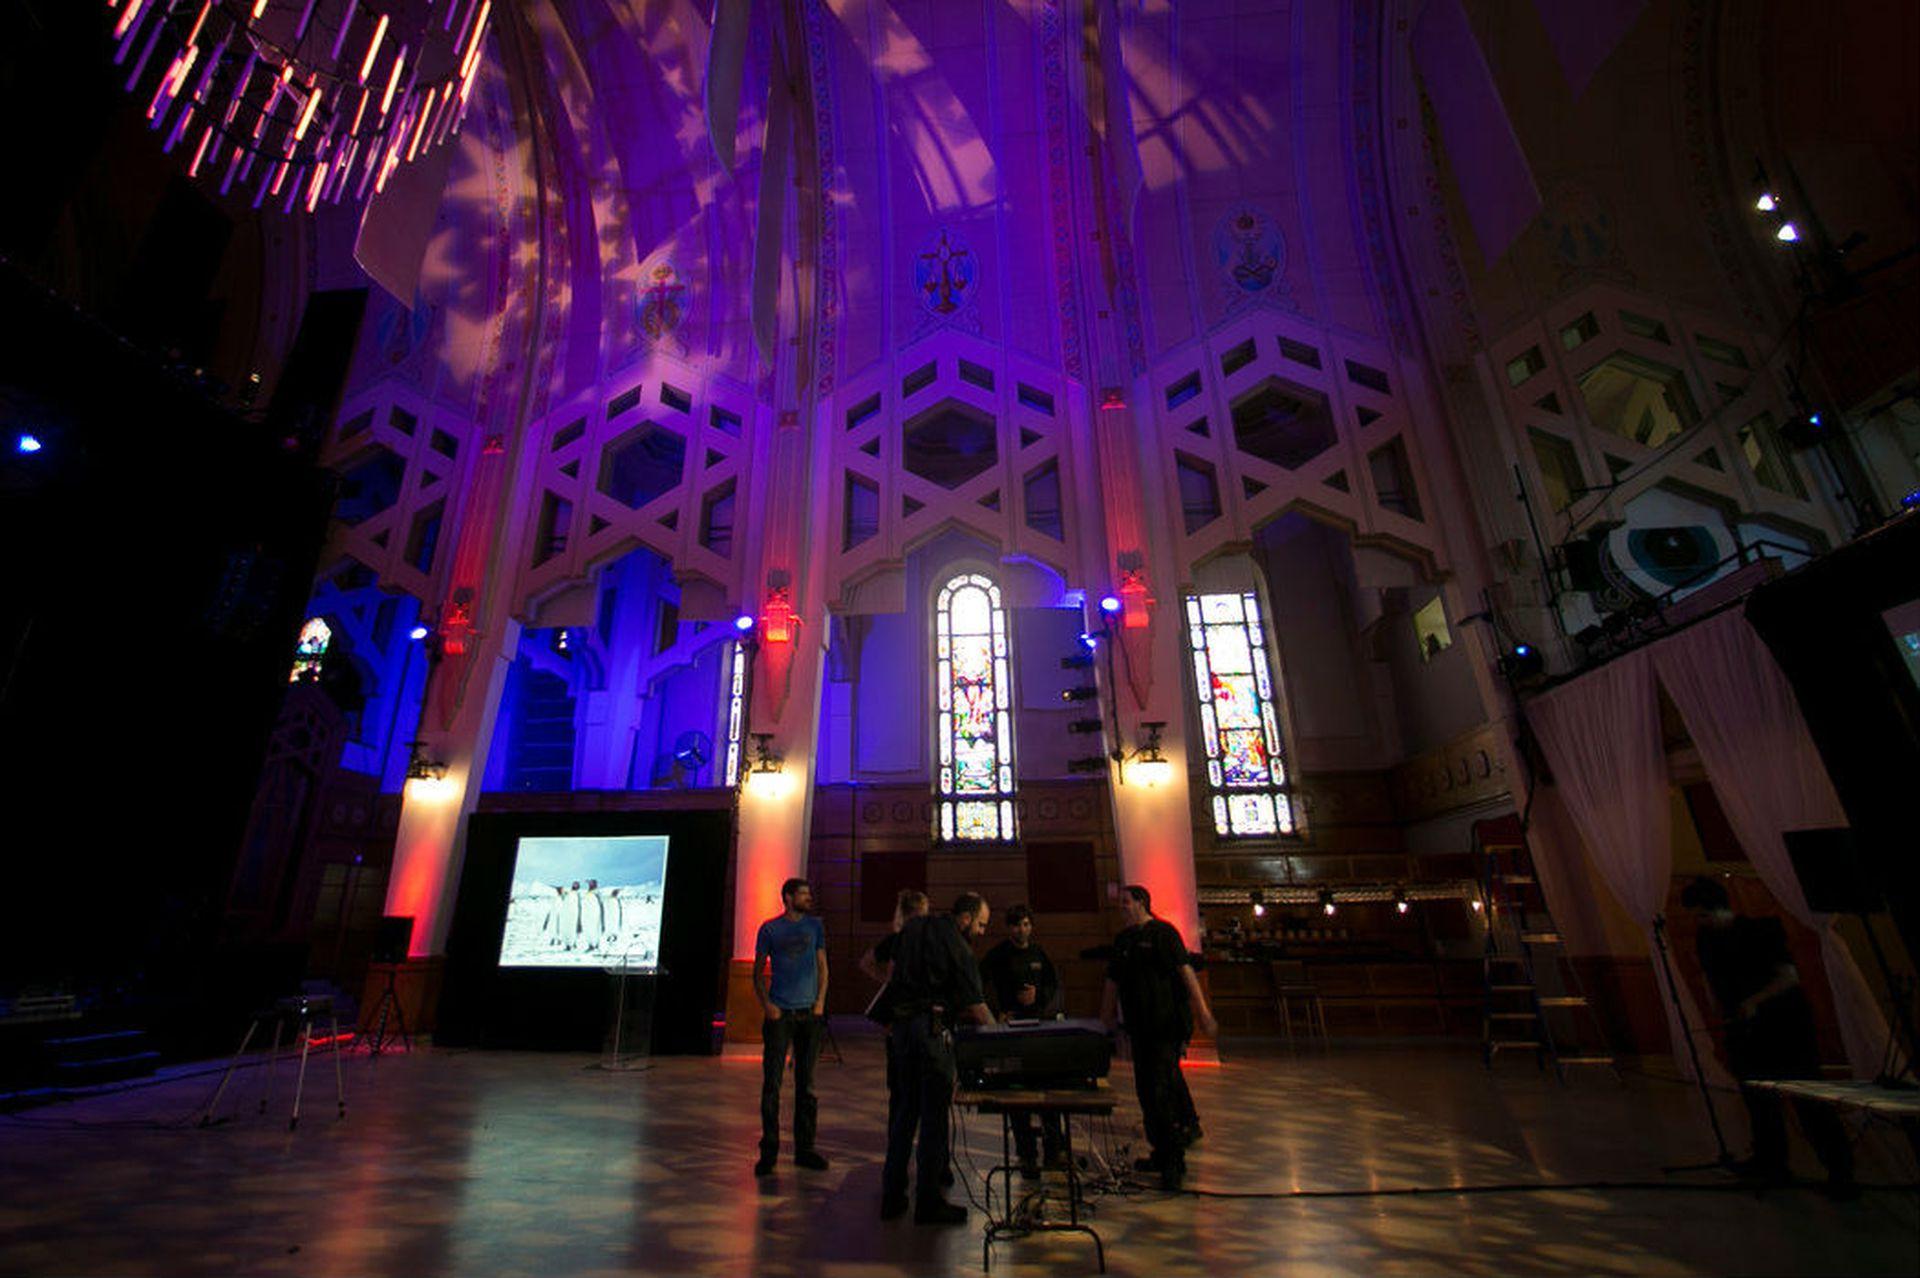 La iglesia Nuestra Señora del Perpetuo Socorro en Montreal fue transformada en el Théâtre Paradoxe (Teatro Paradoja), con un costo de casi 3 millones de dólares en renovaciones